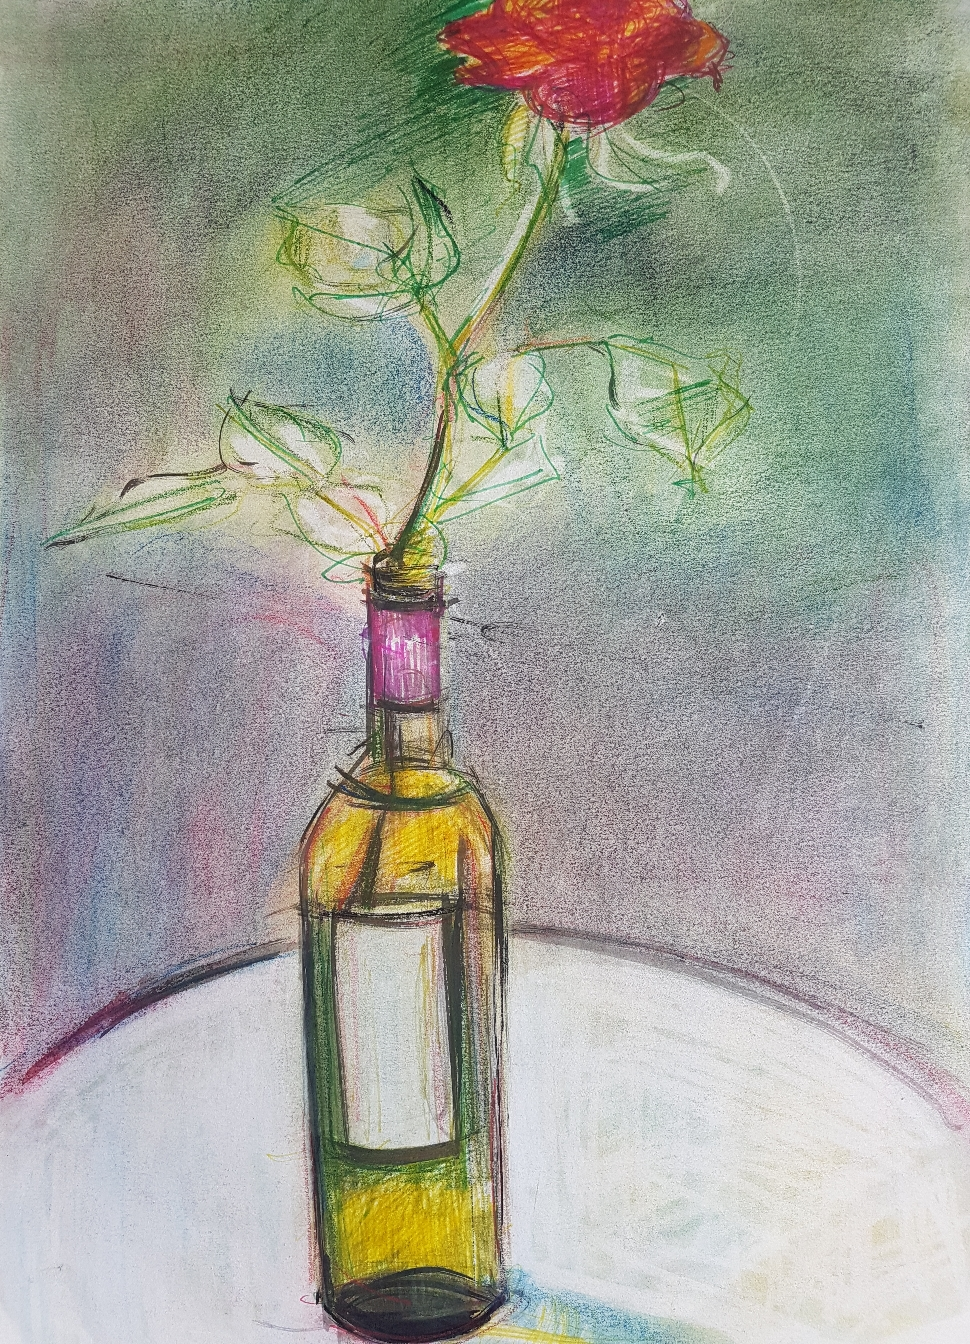 Stillenden mit Rose, Ölkreide auf Papier, 1996